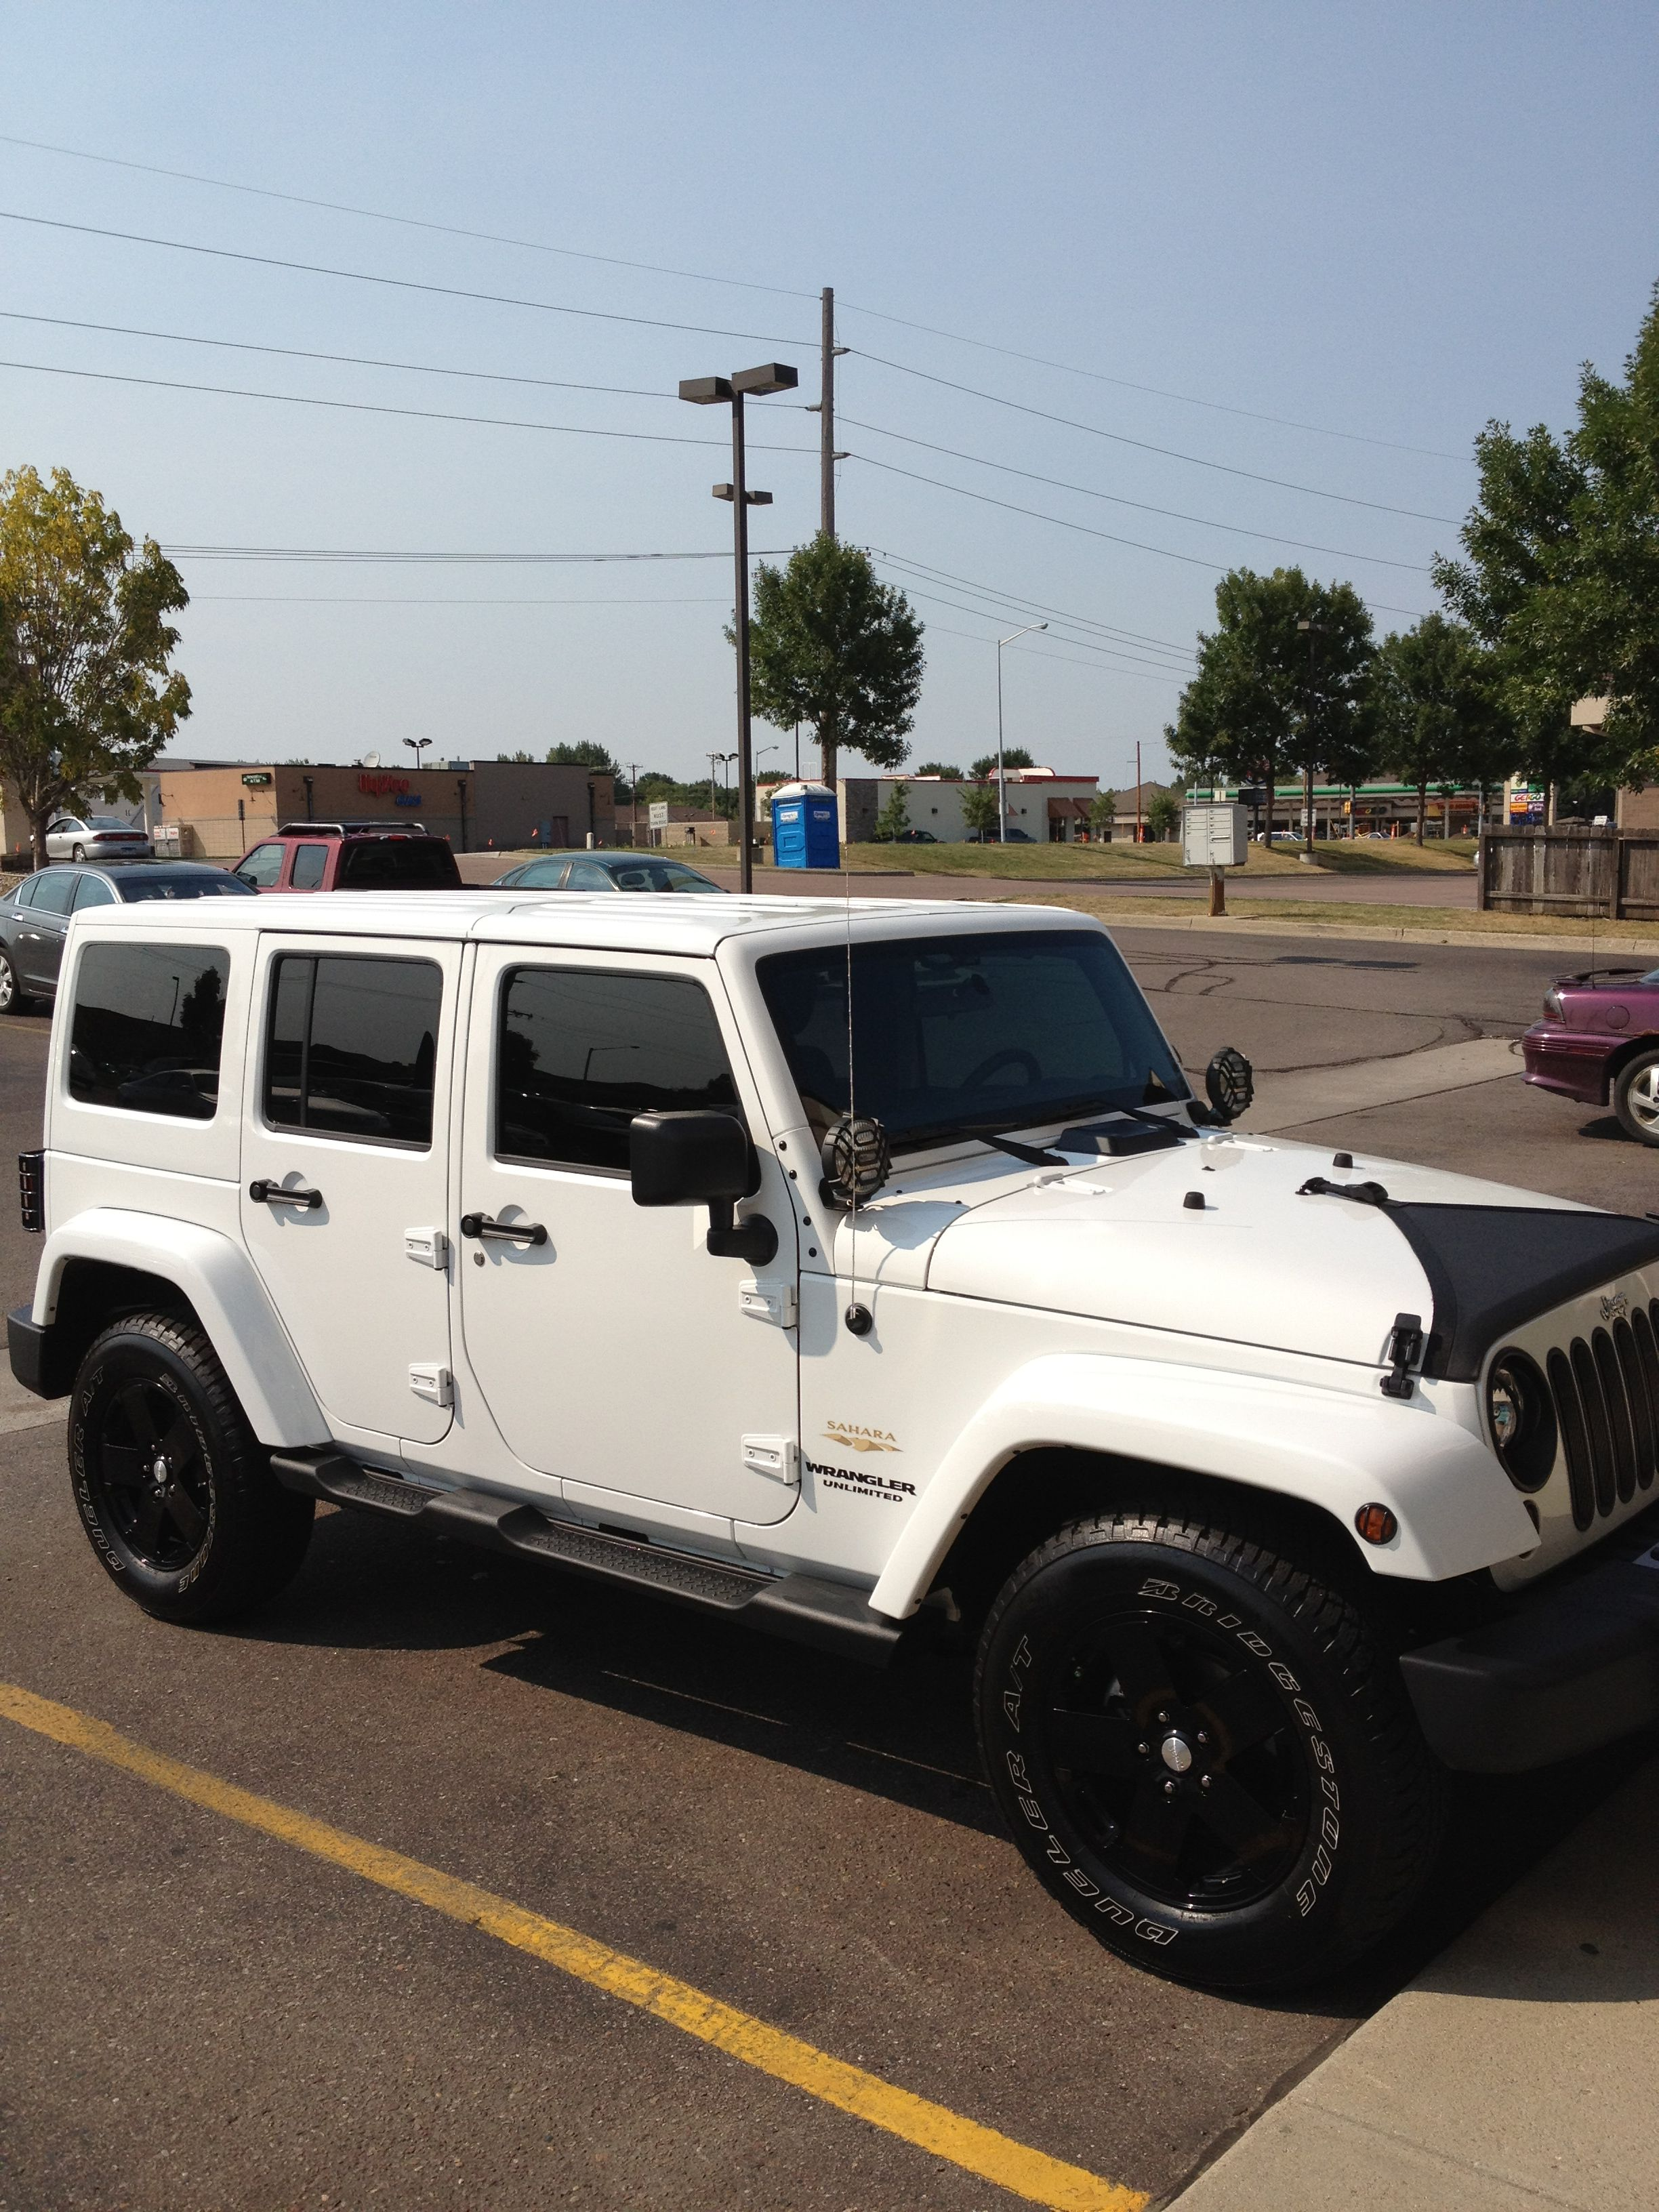 3rd Row Jeep Wrangler : wrangler, Wrangler, Unlimited, Sahara, Black, White, Wrangler,